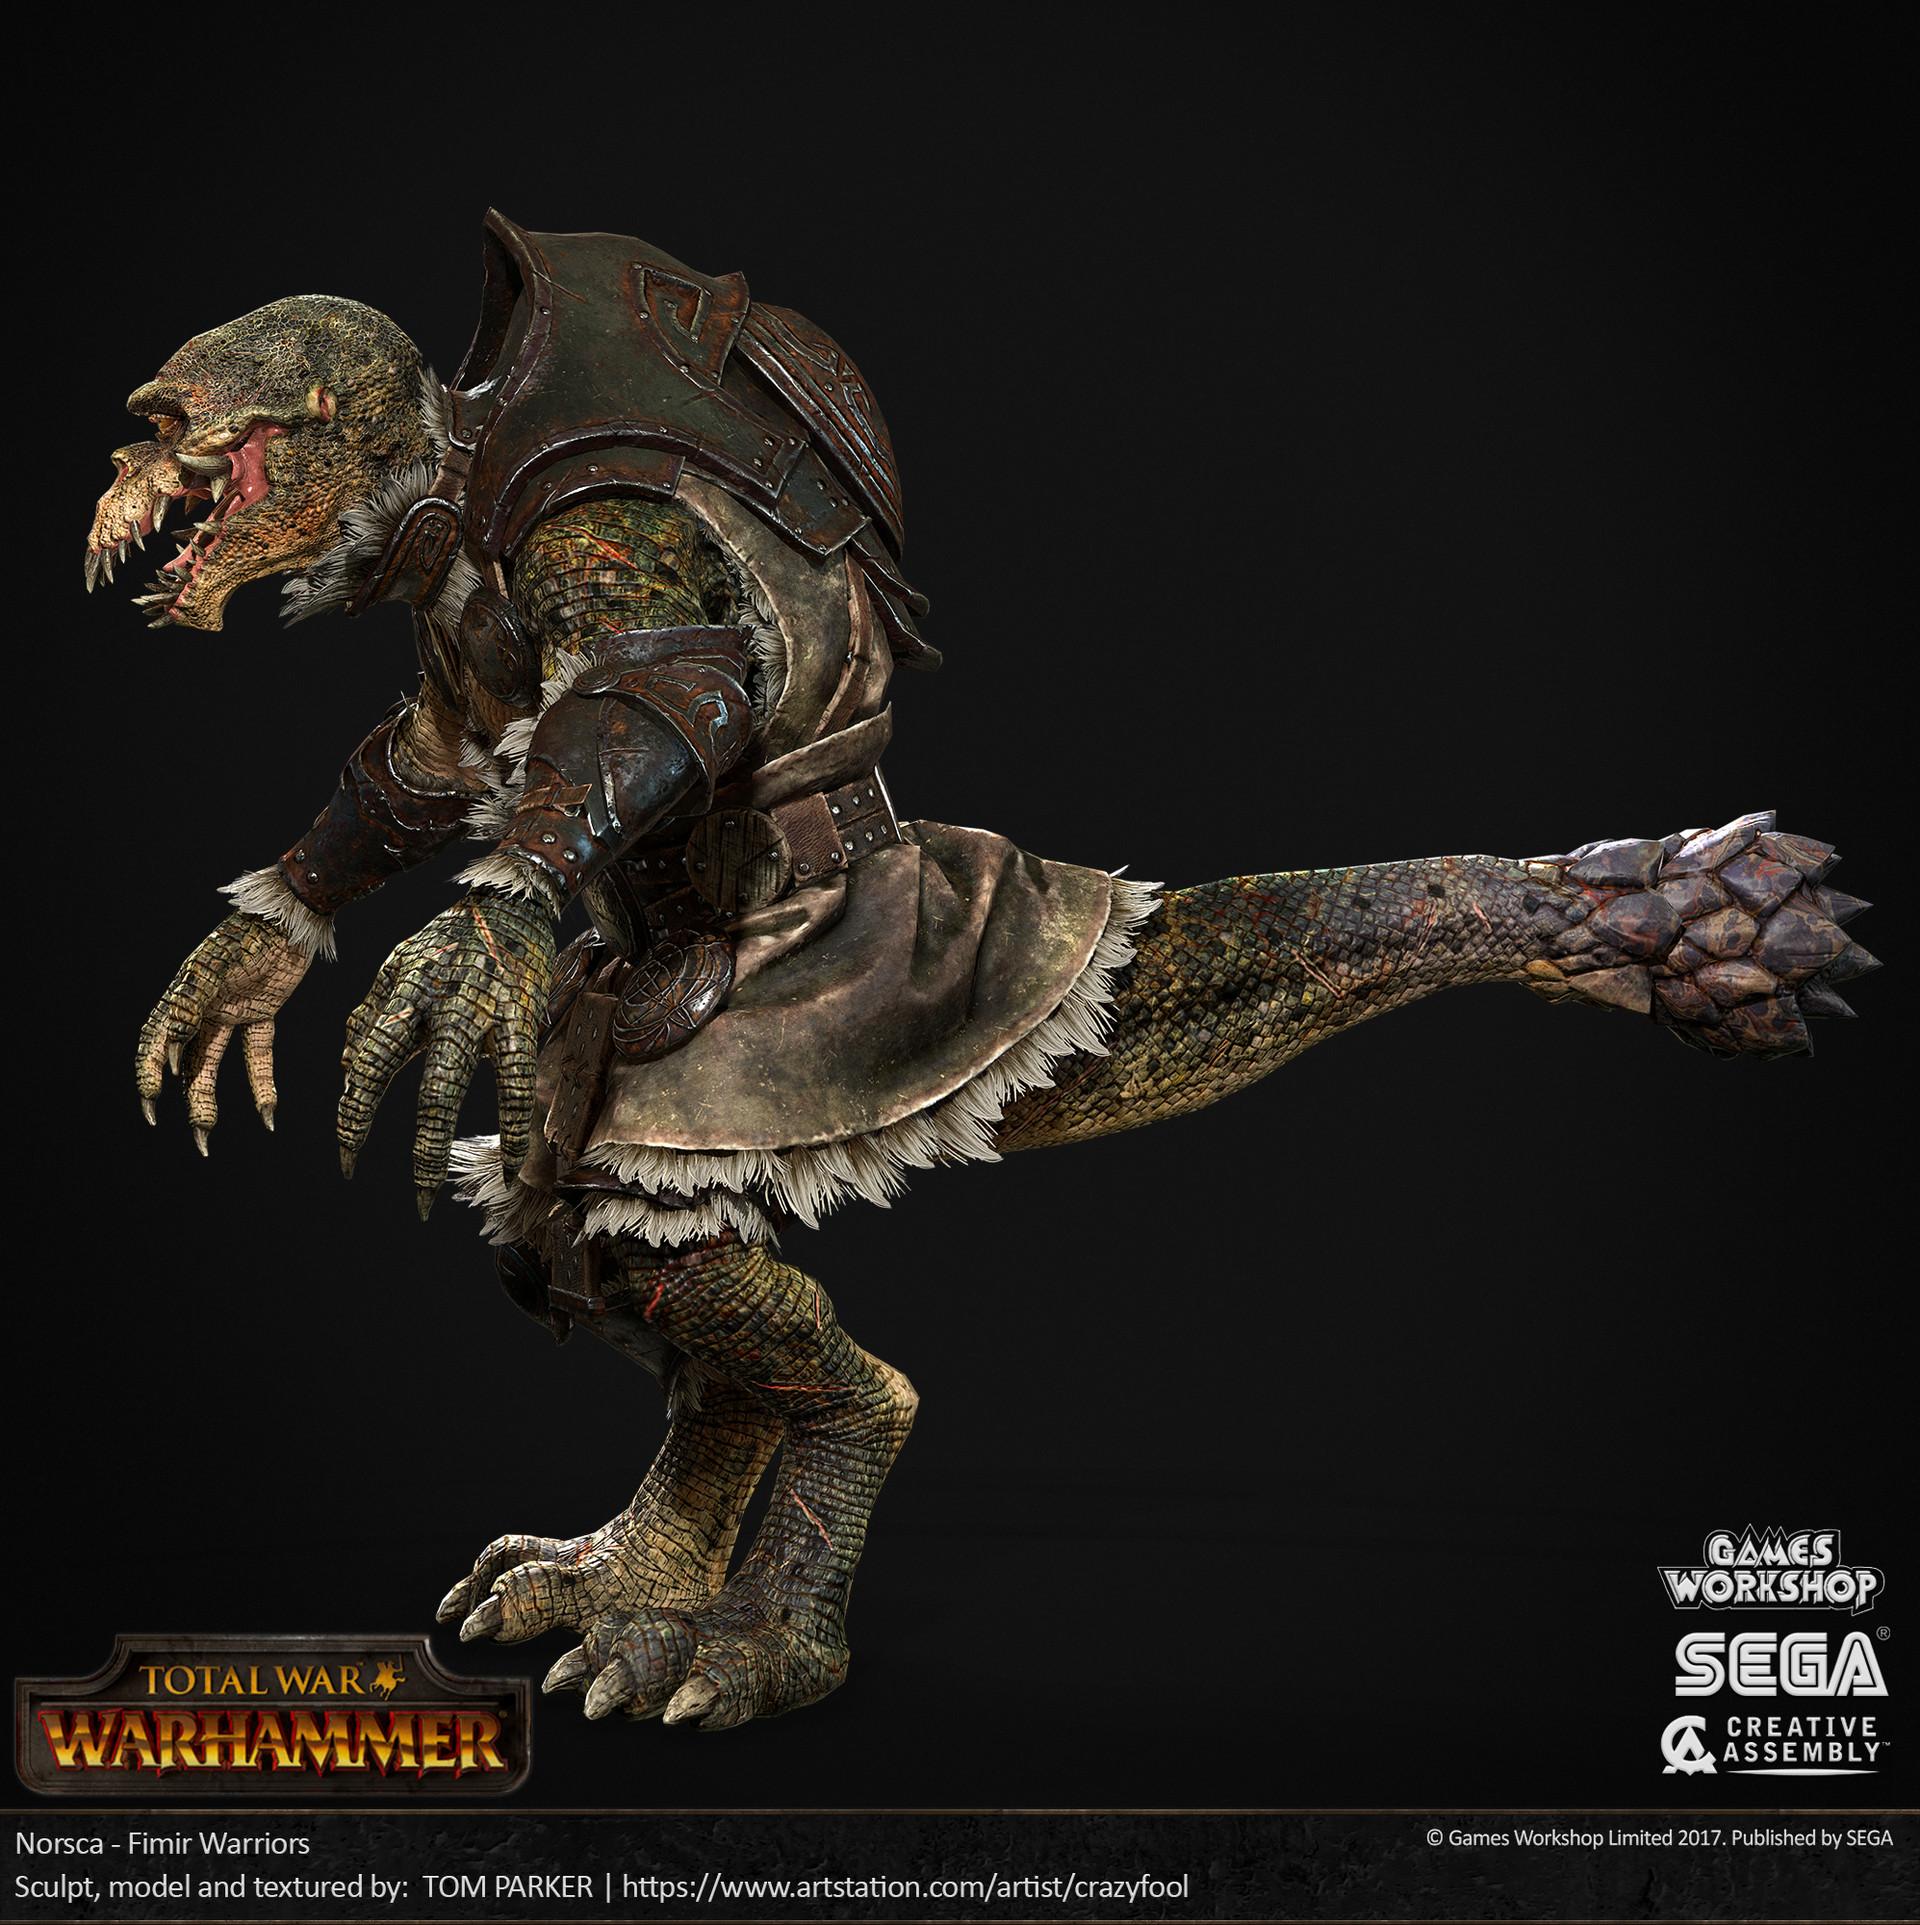 Total War : Warhammer - Page 5 Tom-parker-tomp-nor-fimir-warrior-lp-04